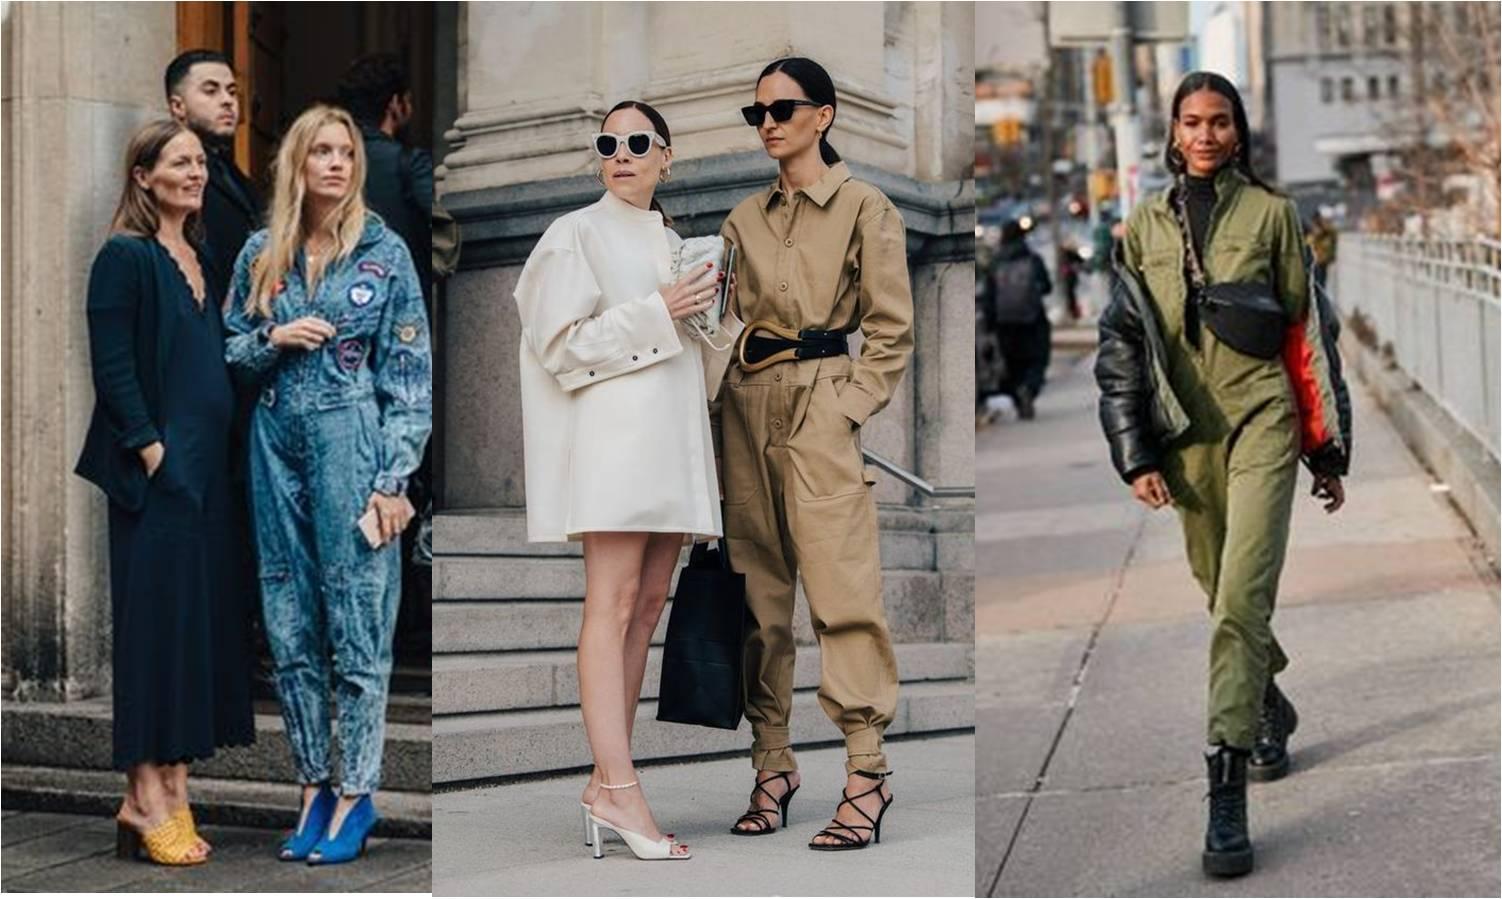 kop_ny_fashionweek.jpg